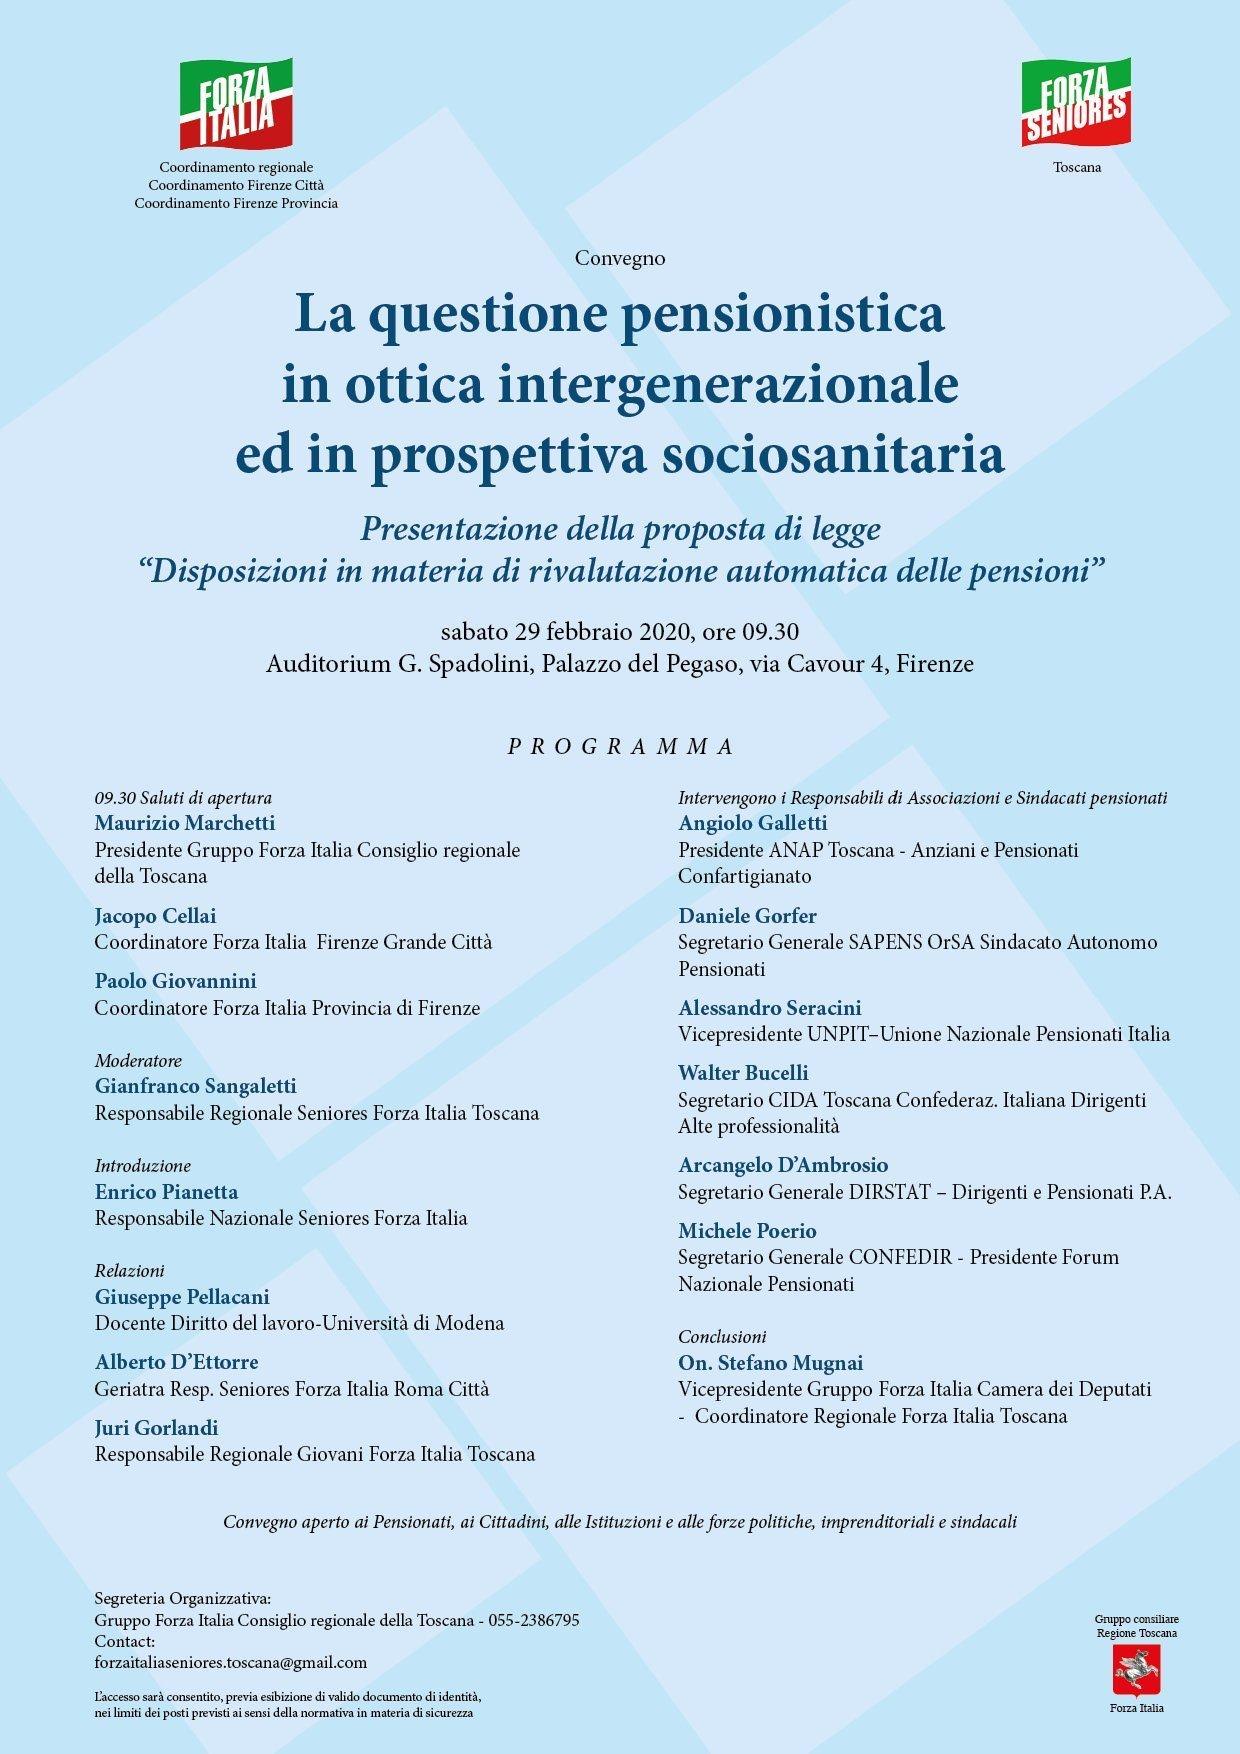 Convegno Seniores: La questione pensionistica. FORZA ITALIA, in particolare con il suo attivo Movimento SENIORES fortemente sostenuto